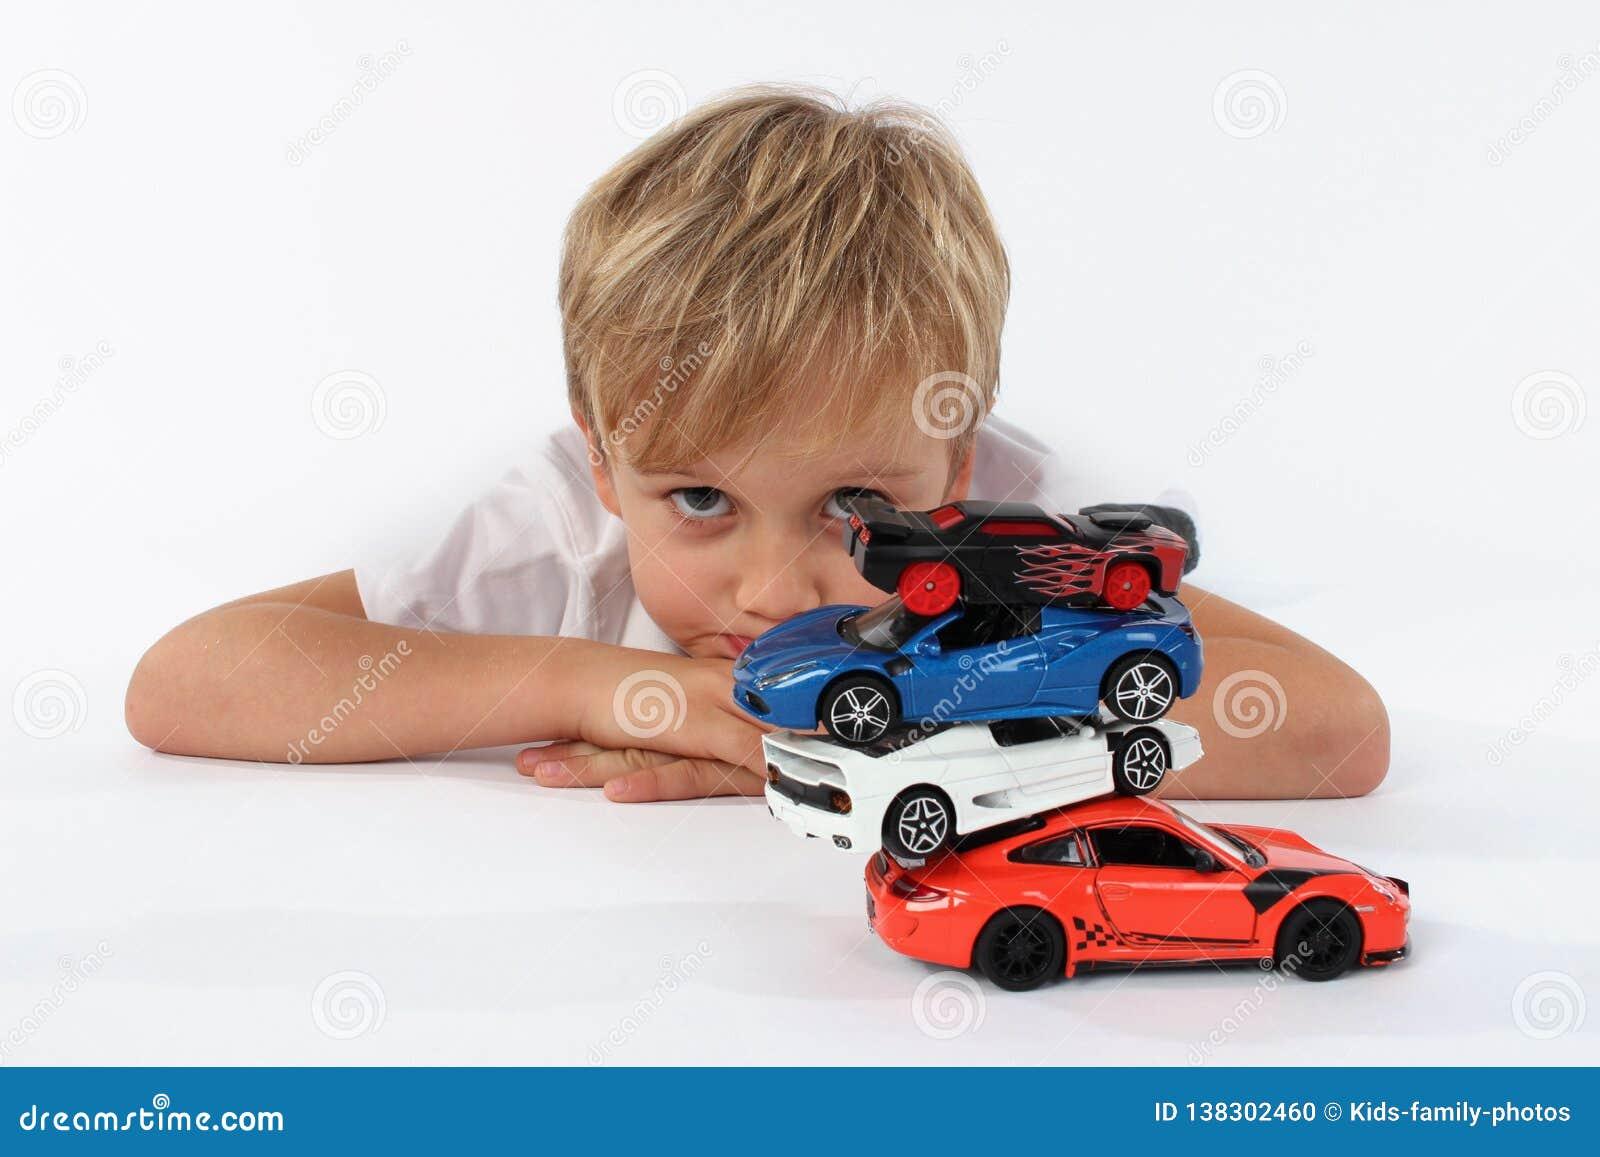 Молодой казаться ребенка дошкольного возраста пробурил игру с игрушками